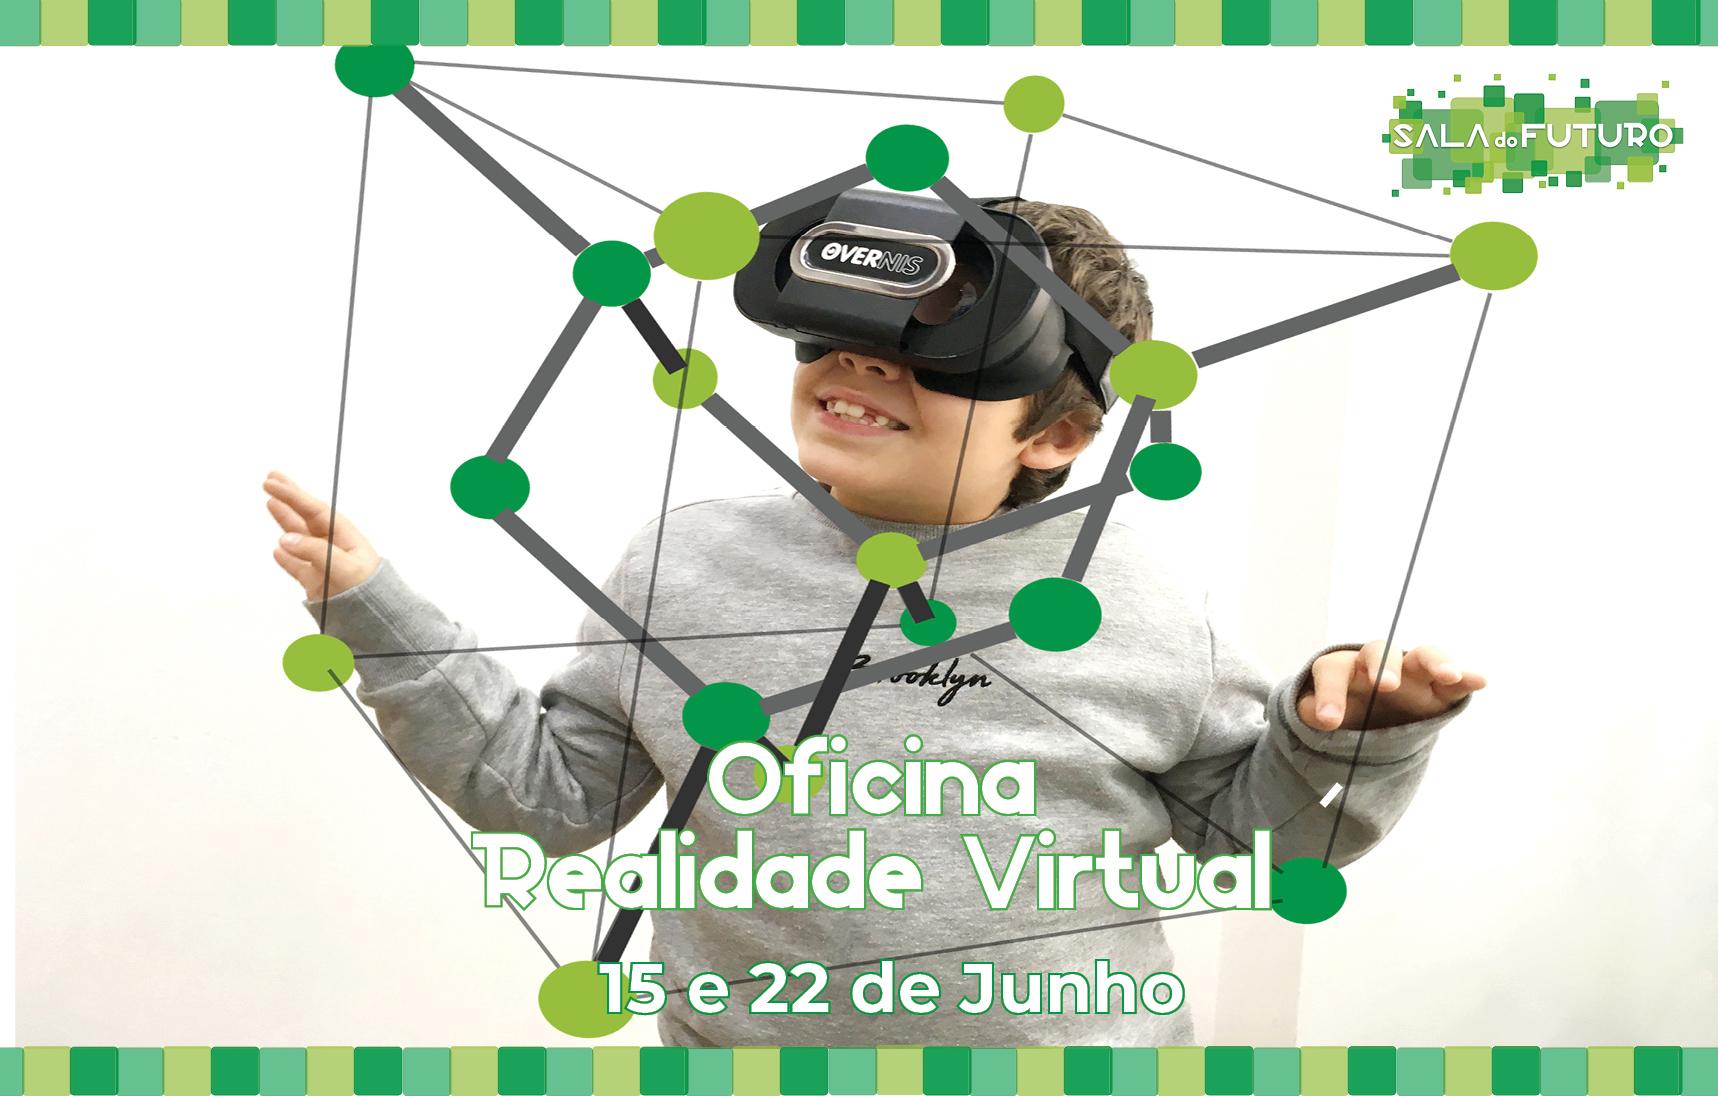 Oficina da Realidade Virtual